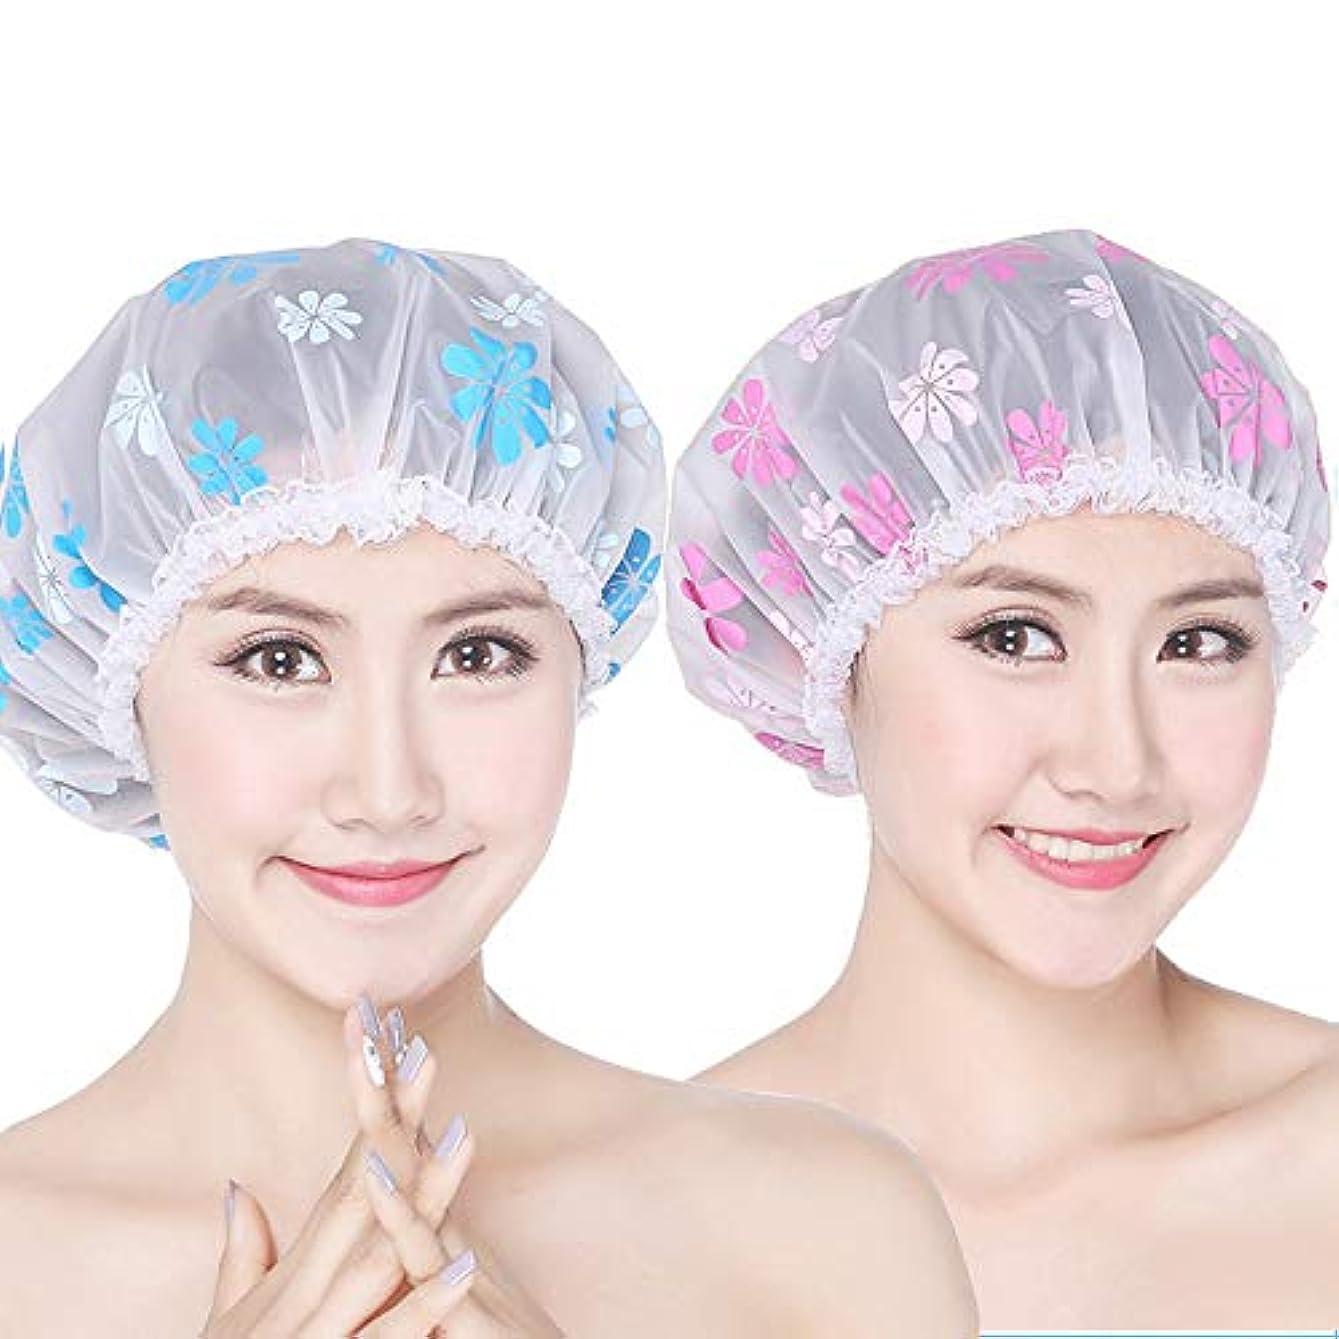 浸した哀れなサークルOnior 高品質シャワーキャップ バス用品 かわいい シャワーキャップ ヘアキャップ ヘアーキャップ ヘアーターバン 入浴キャップ 帽子 お風呂 シャワー用に 2枚セット